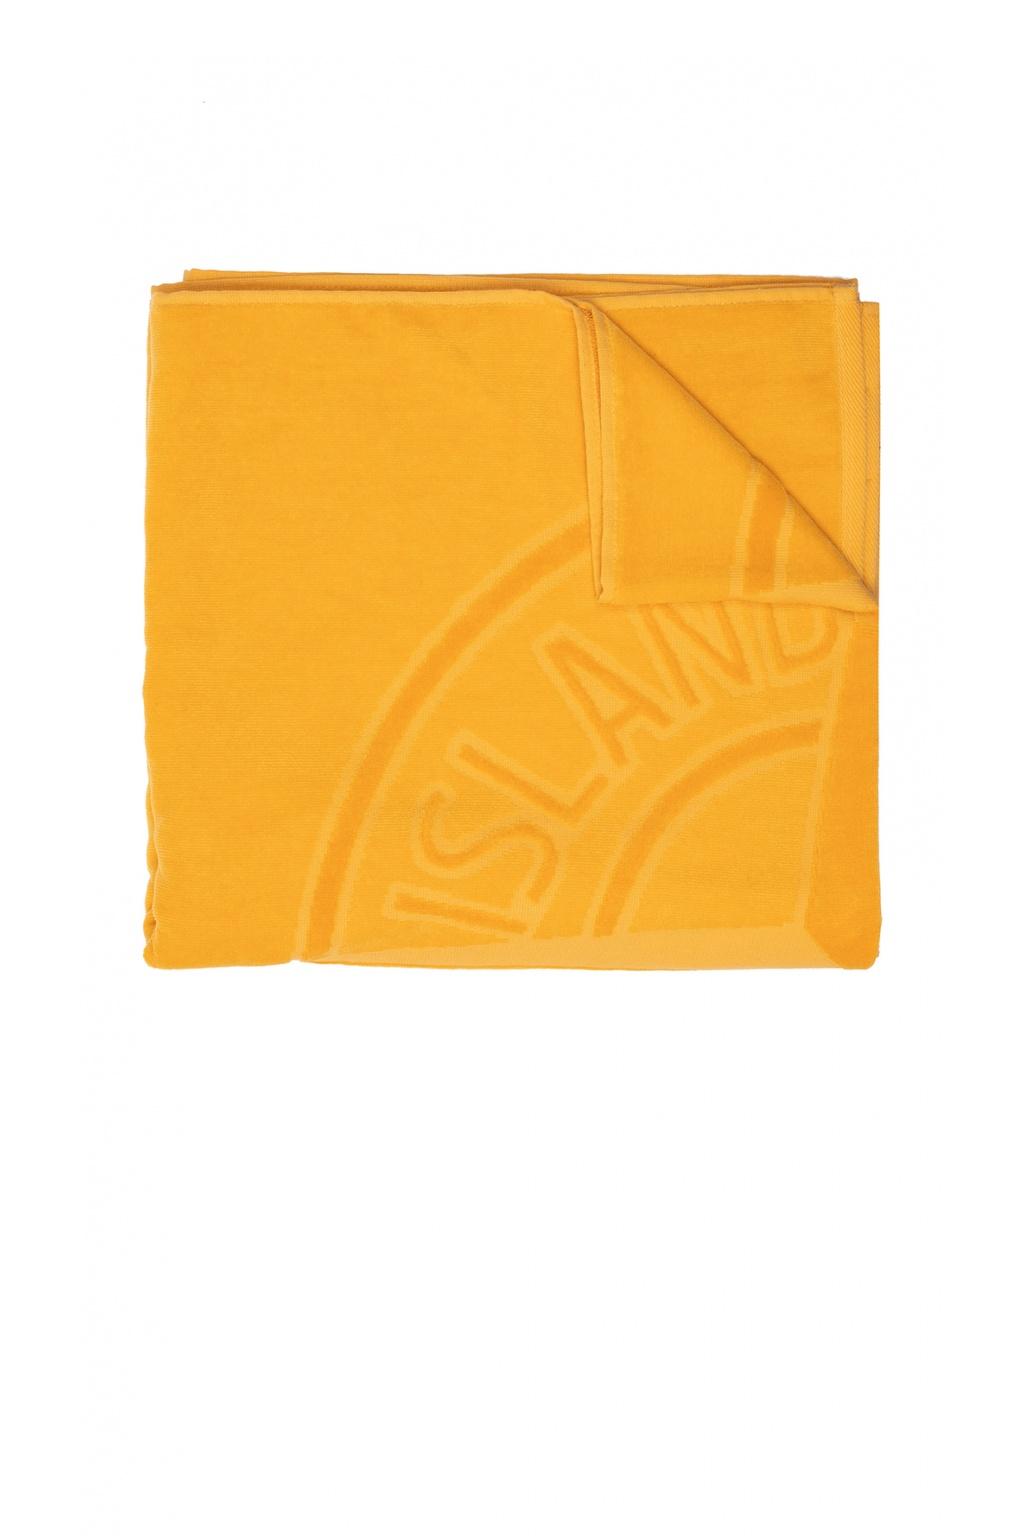 Stone Island Kids Towel with logo